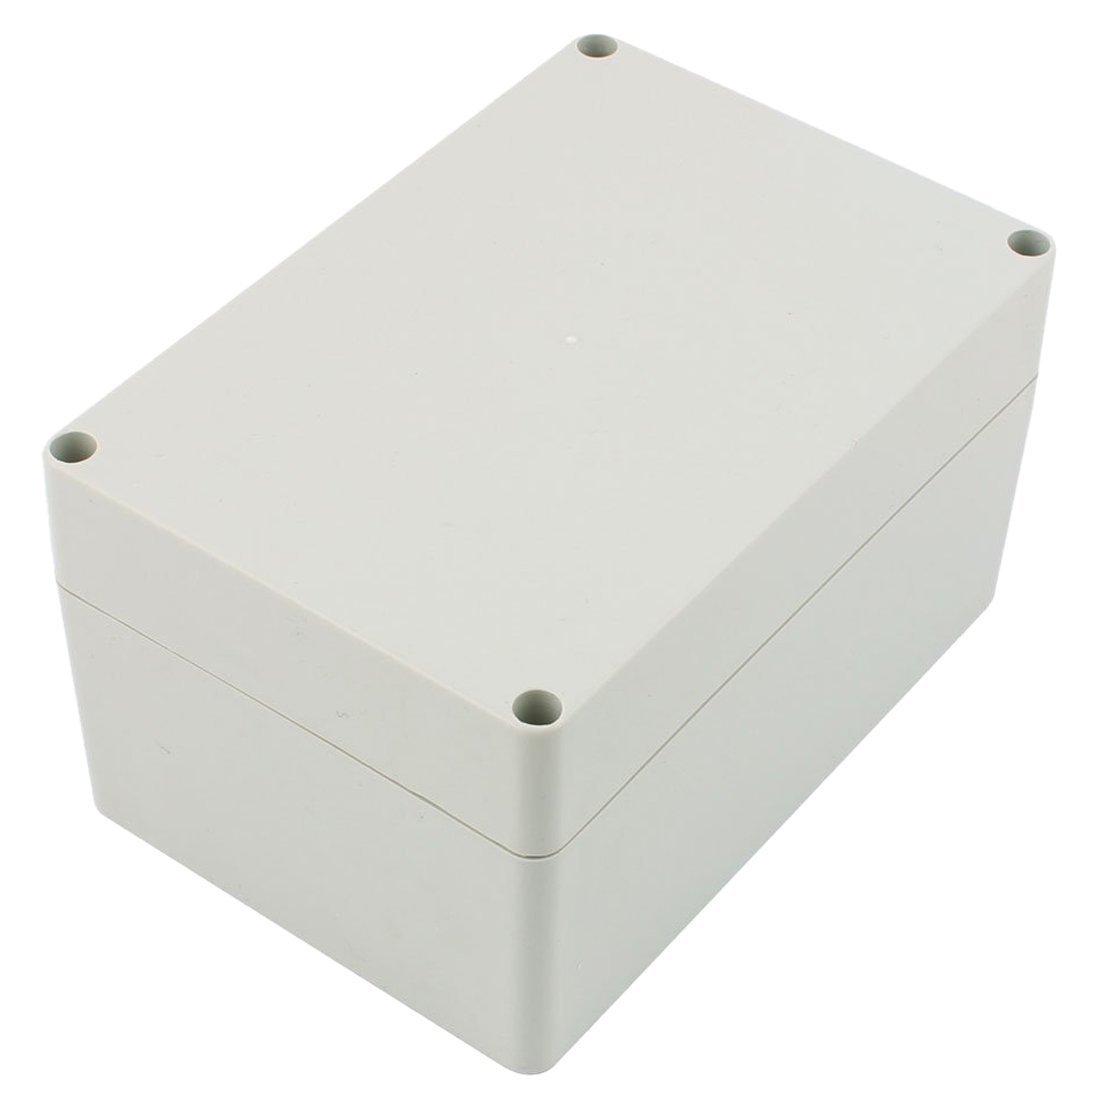 TOOGOO Boite de jonction de protection de commutateur electrique en plastique 265 x 185 x 96mm SPHAGT62474